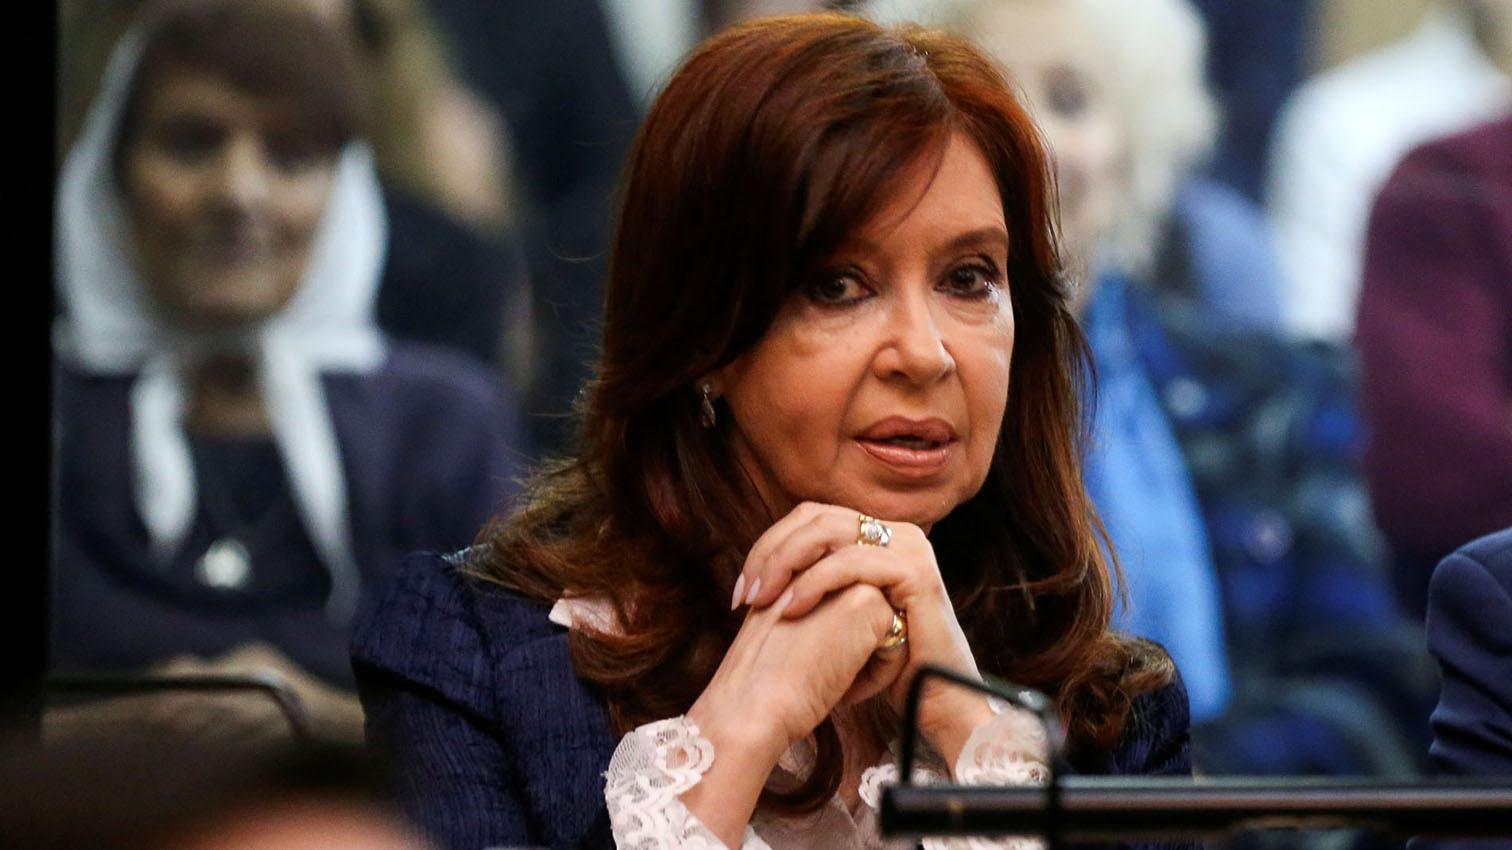 Expresidenta de Argentina comparece en juicio por corrupción